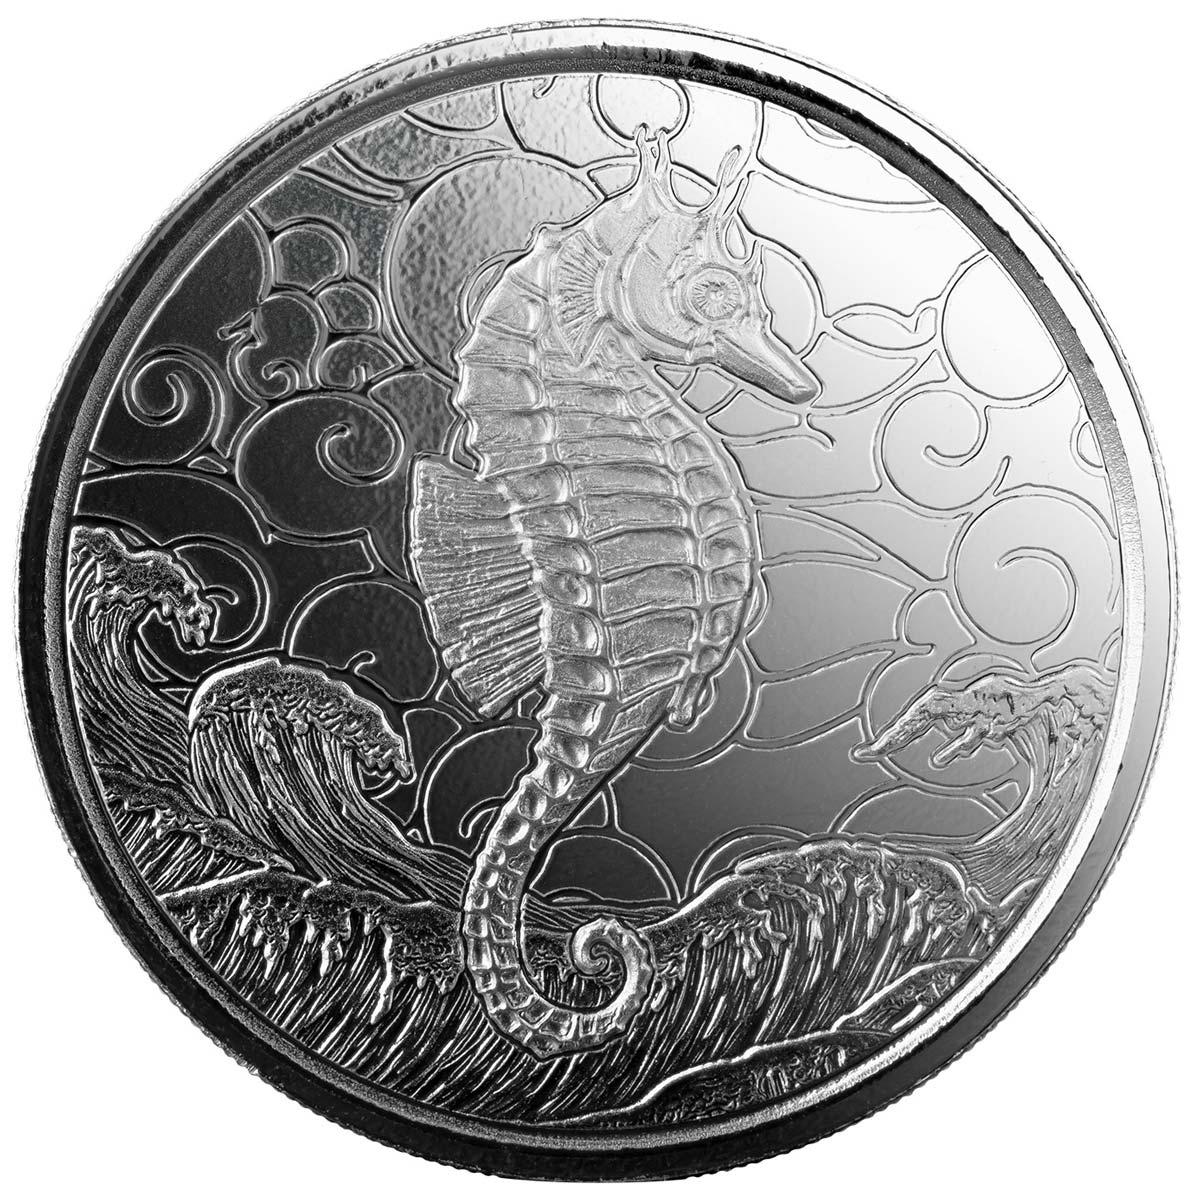 Самоа выпустило в обращение монеты 2 тала Морской Конек, реверс